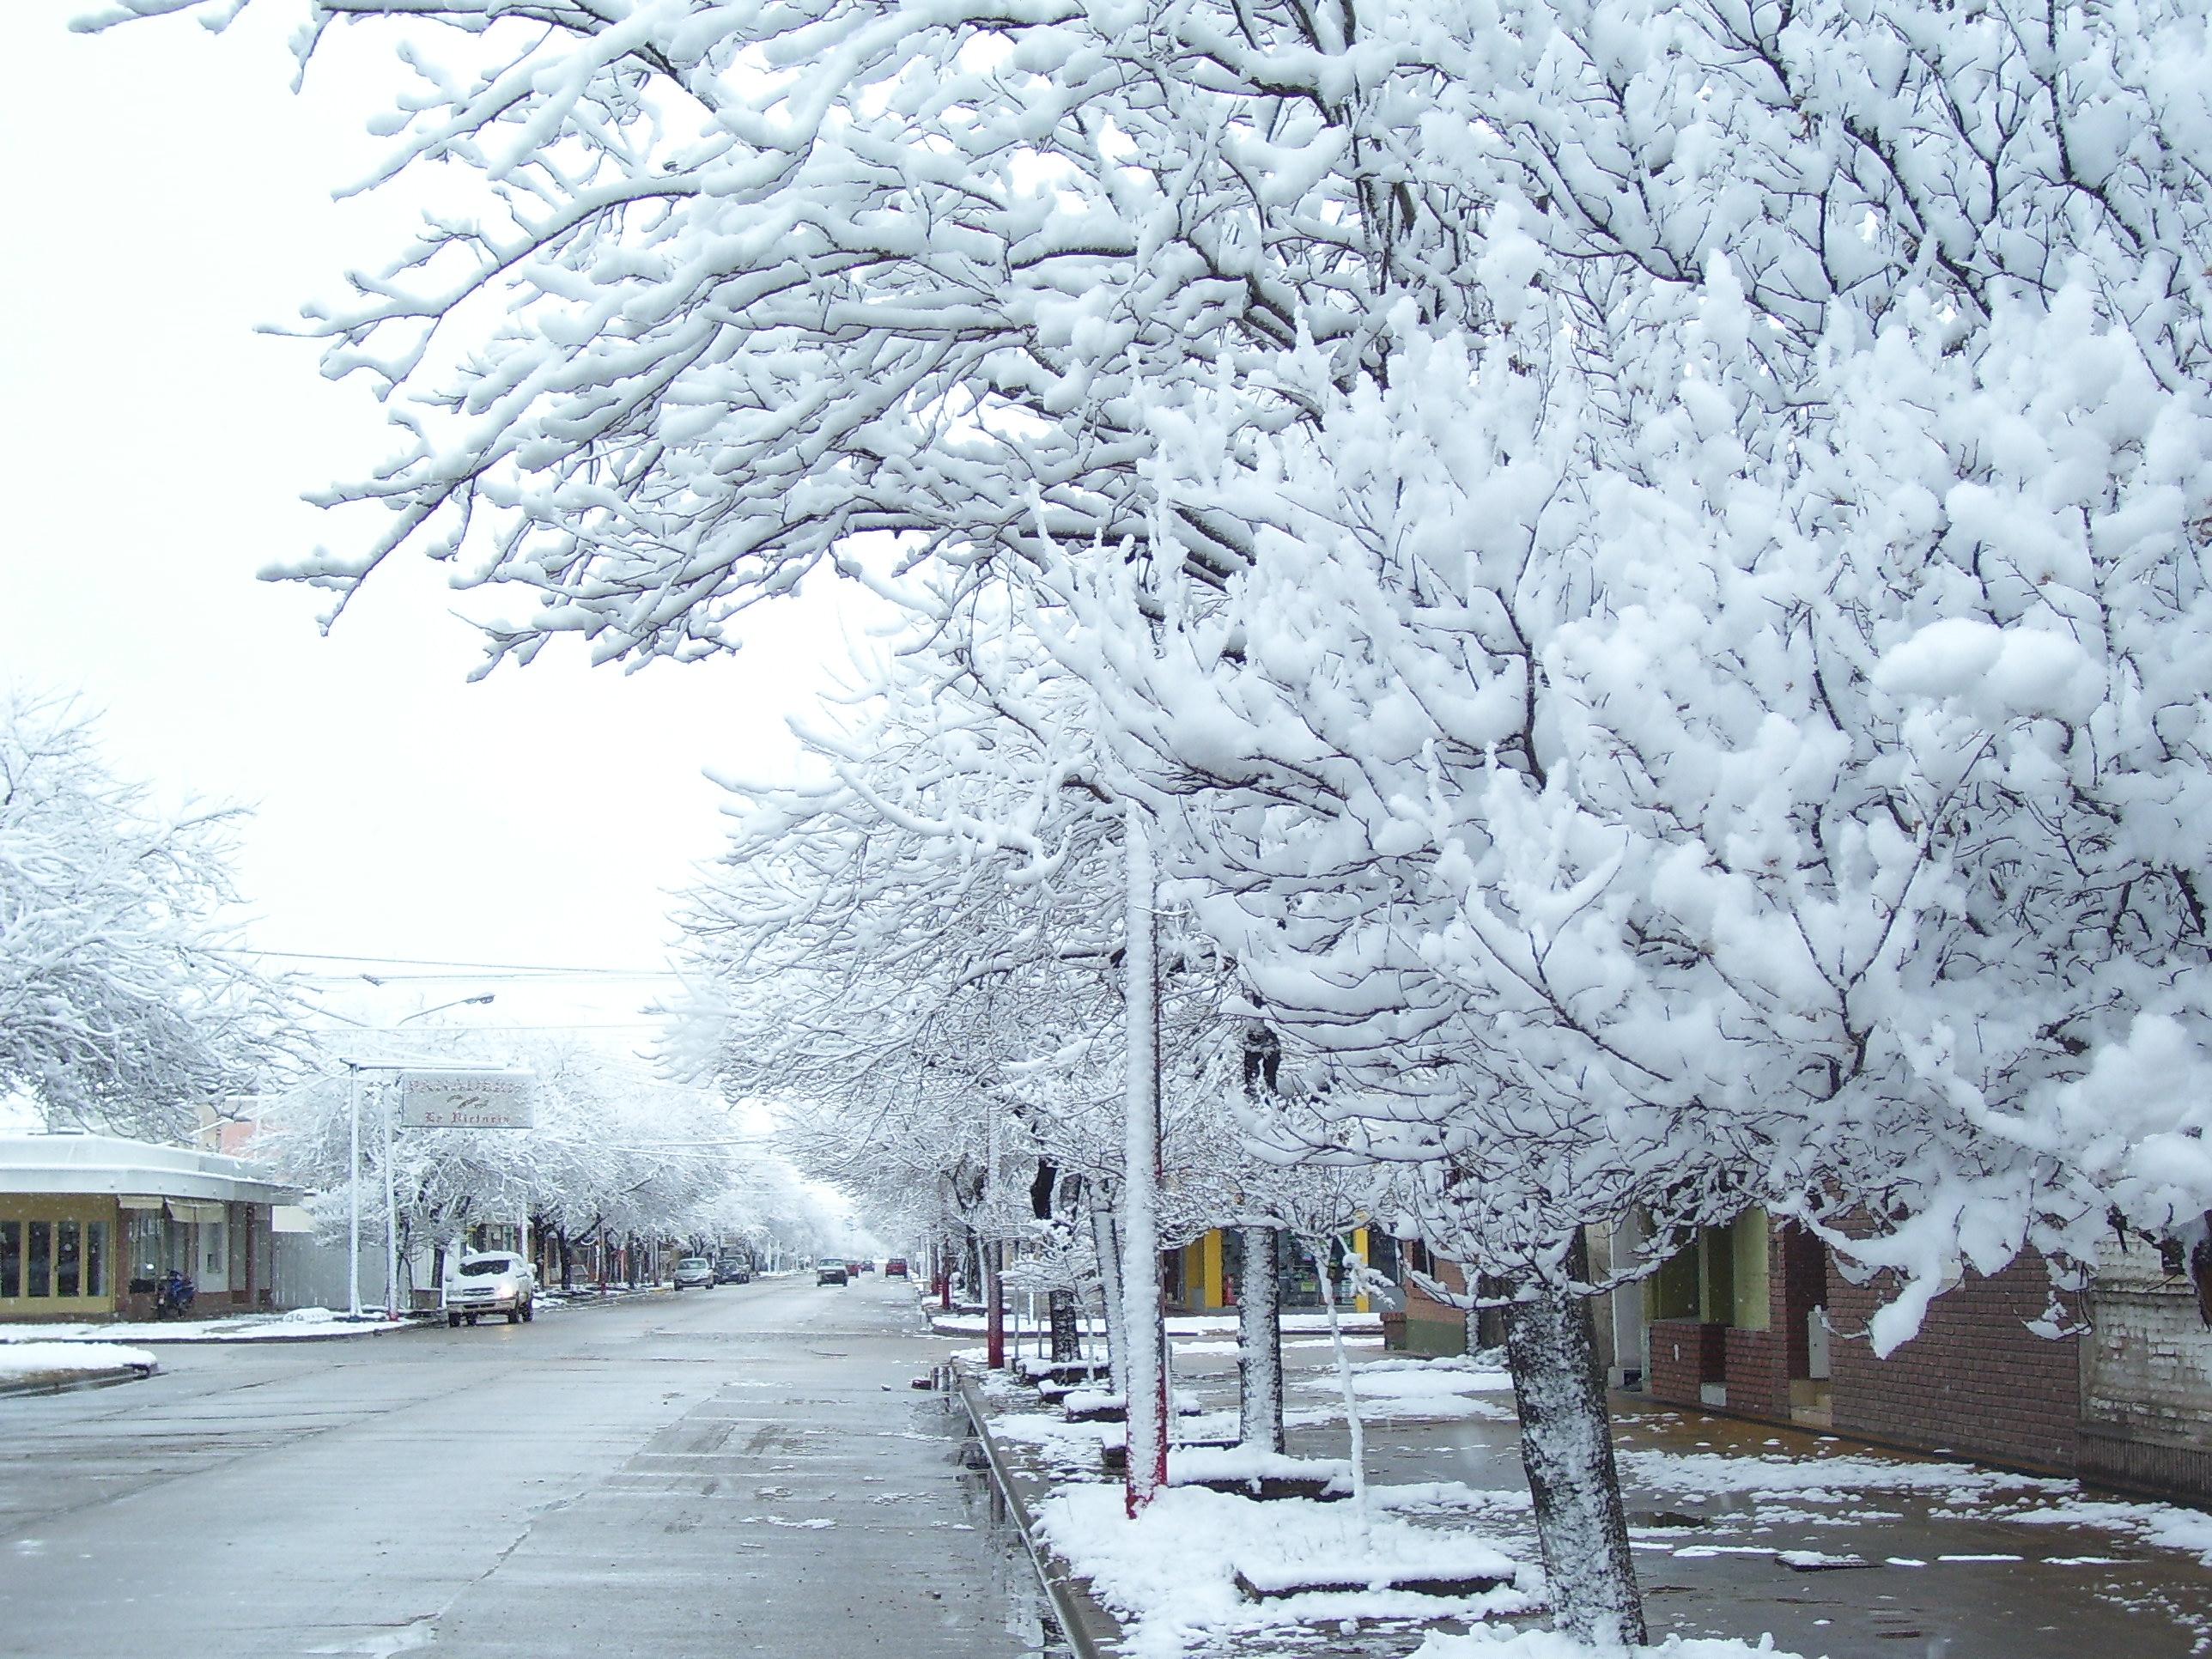 File:Nieve LaCarlota.jpg - Wikipedia